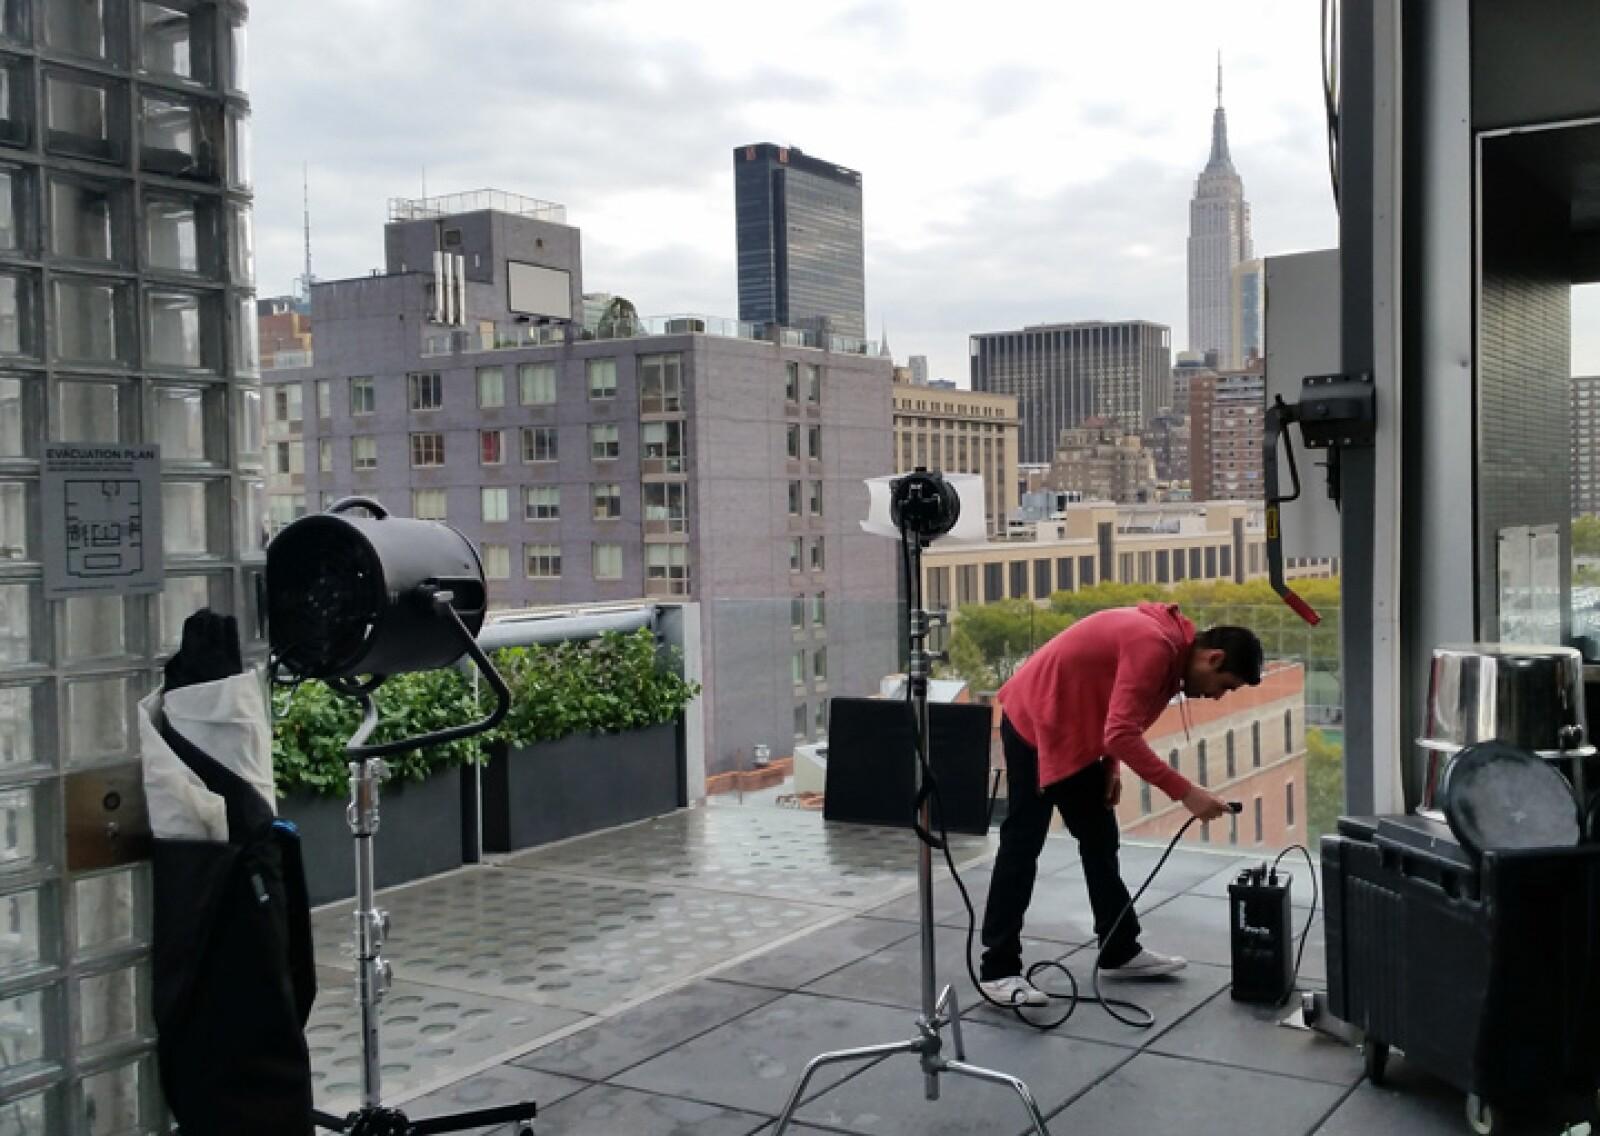 Antes de la llegada de Thalía, el equipo de produción montó el equipo necesario para llevar a cabo la sesión de fotos.